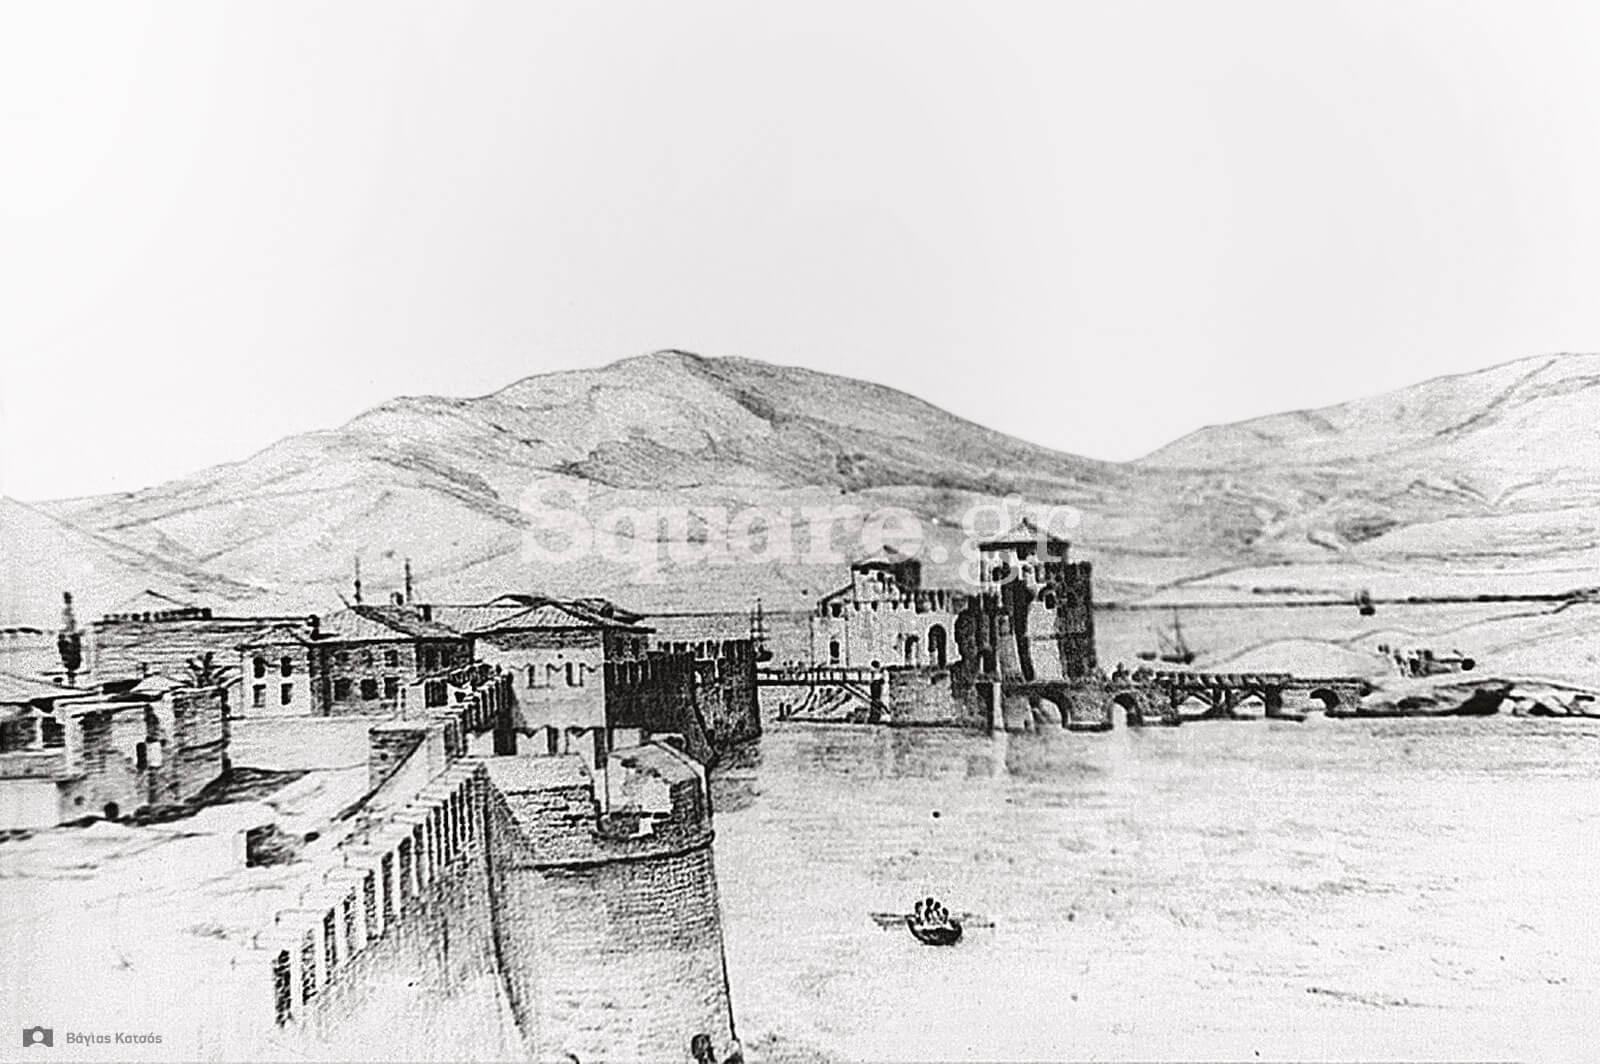 7-Το-δυτικό-τμήμα-των-τειχών-της-Χαλκίδας-J-Sherer-1844-Aρχείο-Σκούρα-ΓΑΚ-Αρχείο-Μουσείου-Μπενάκη